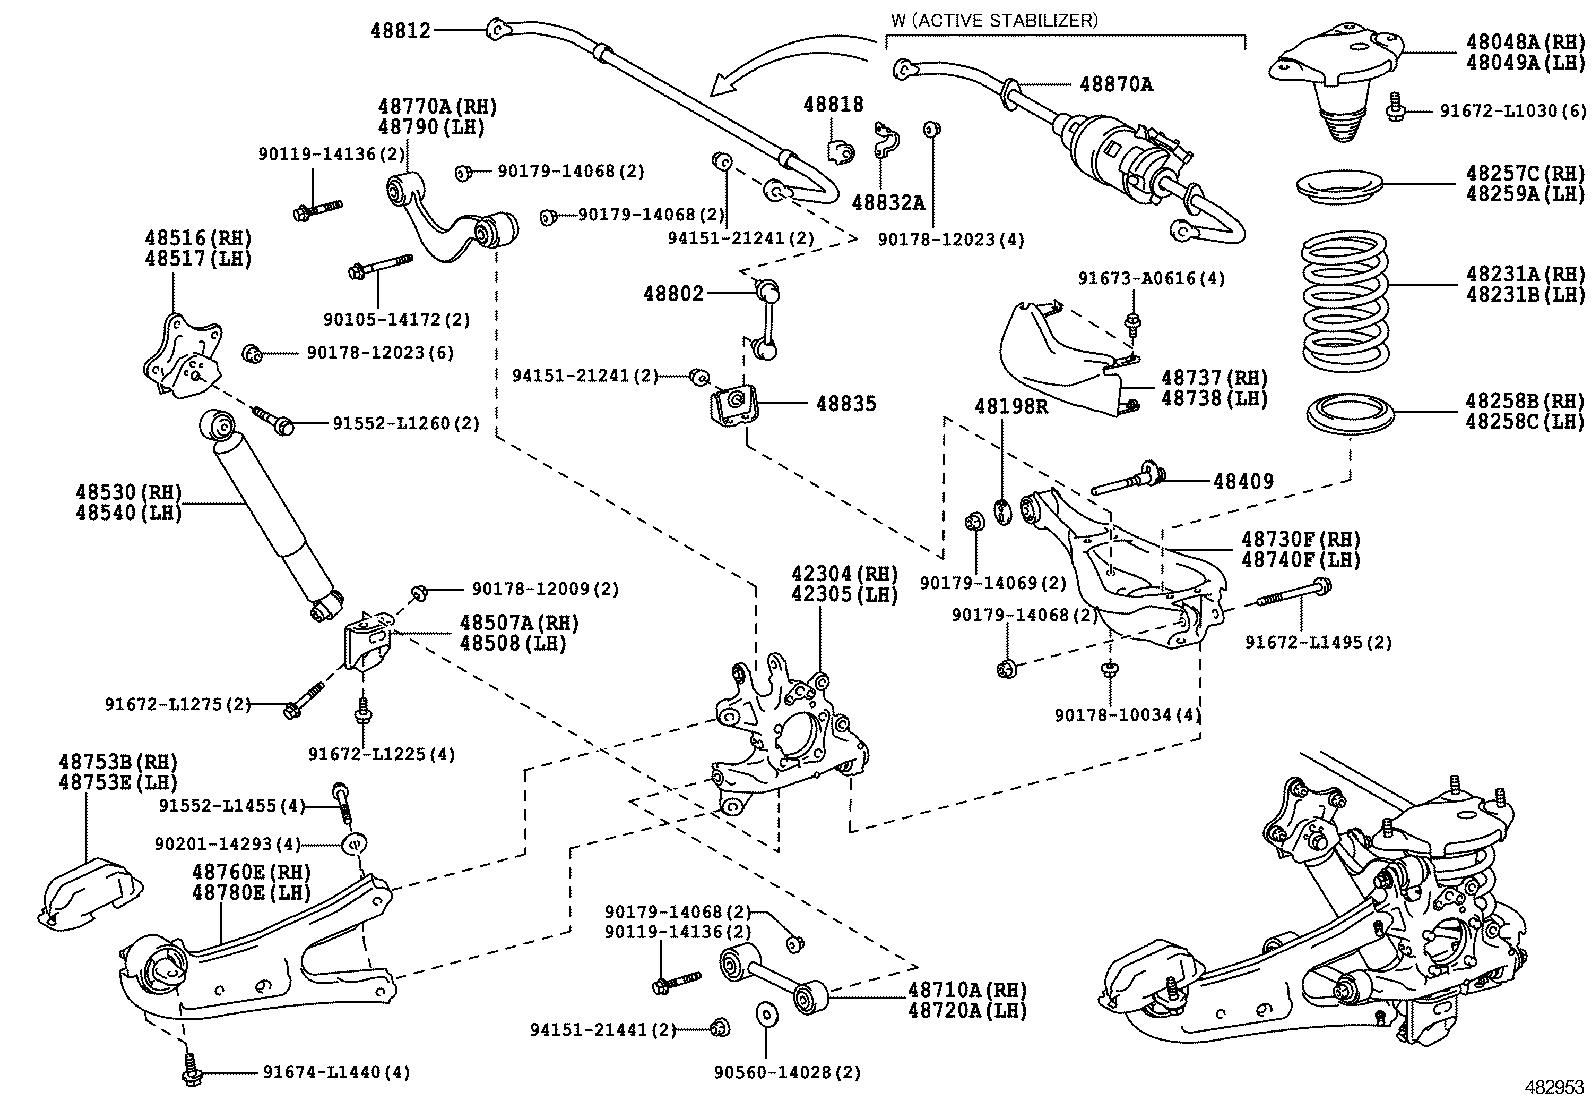 Lexu Rx400h Wiring Diagram